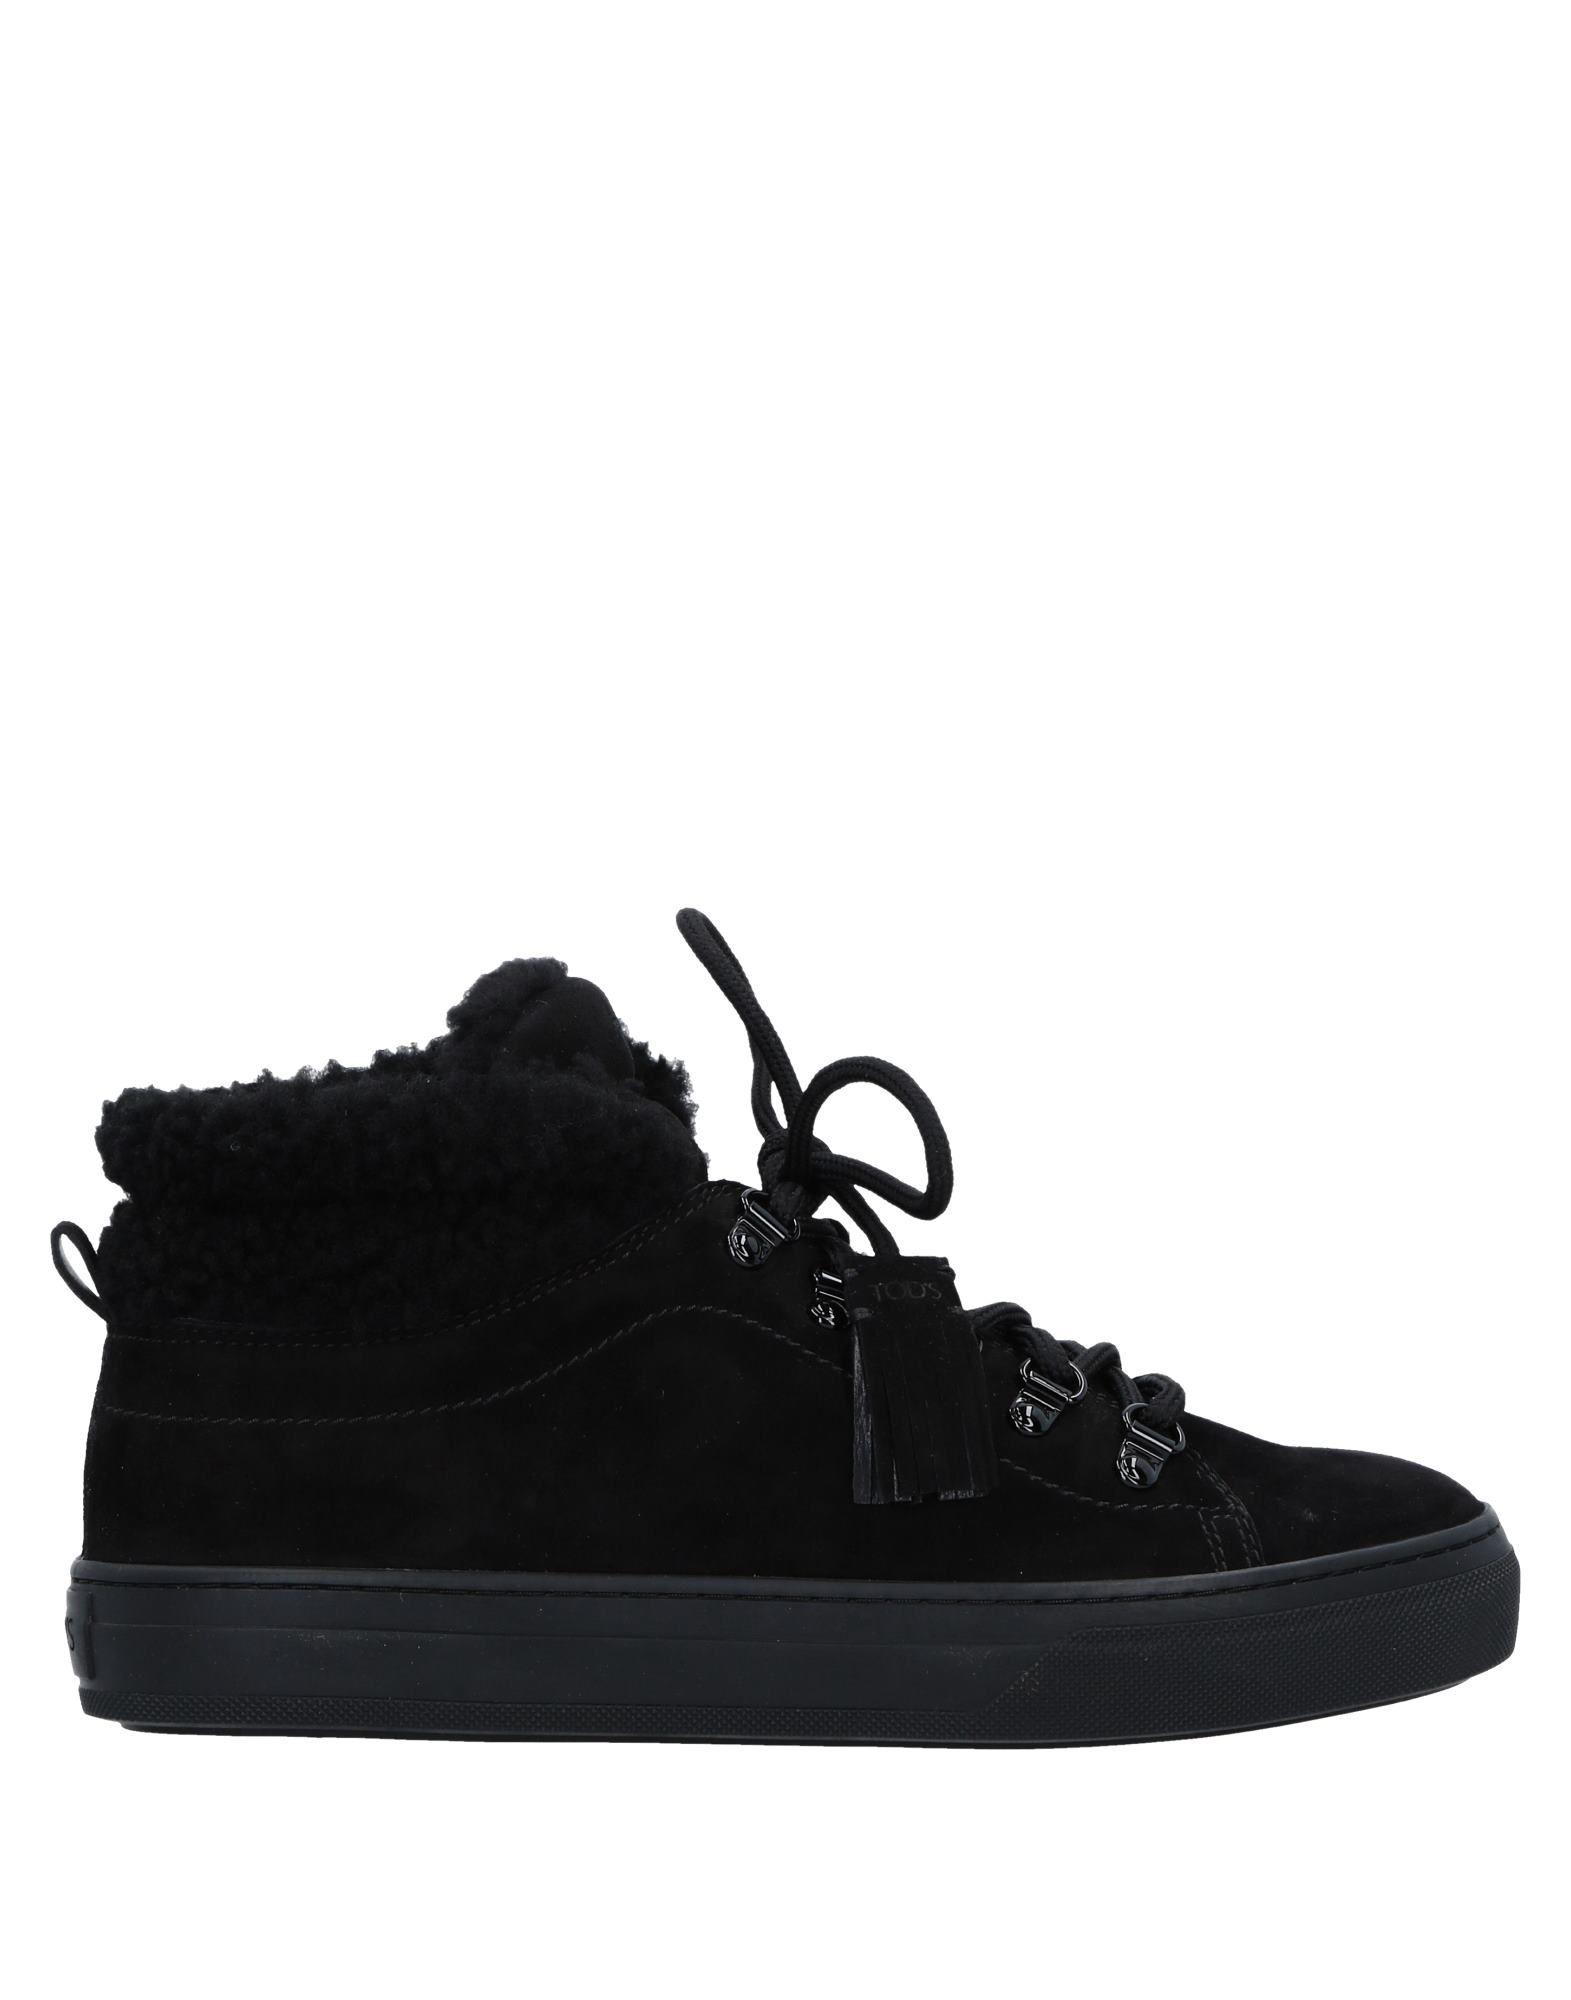 Sneakers Tod's Donna - 11542258XL Scarpe economiche e buone